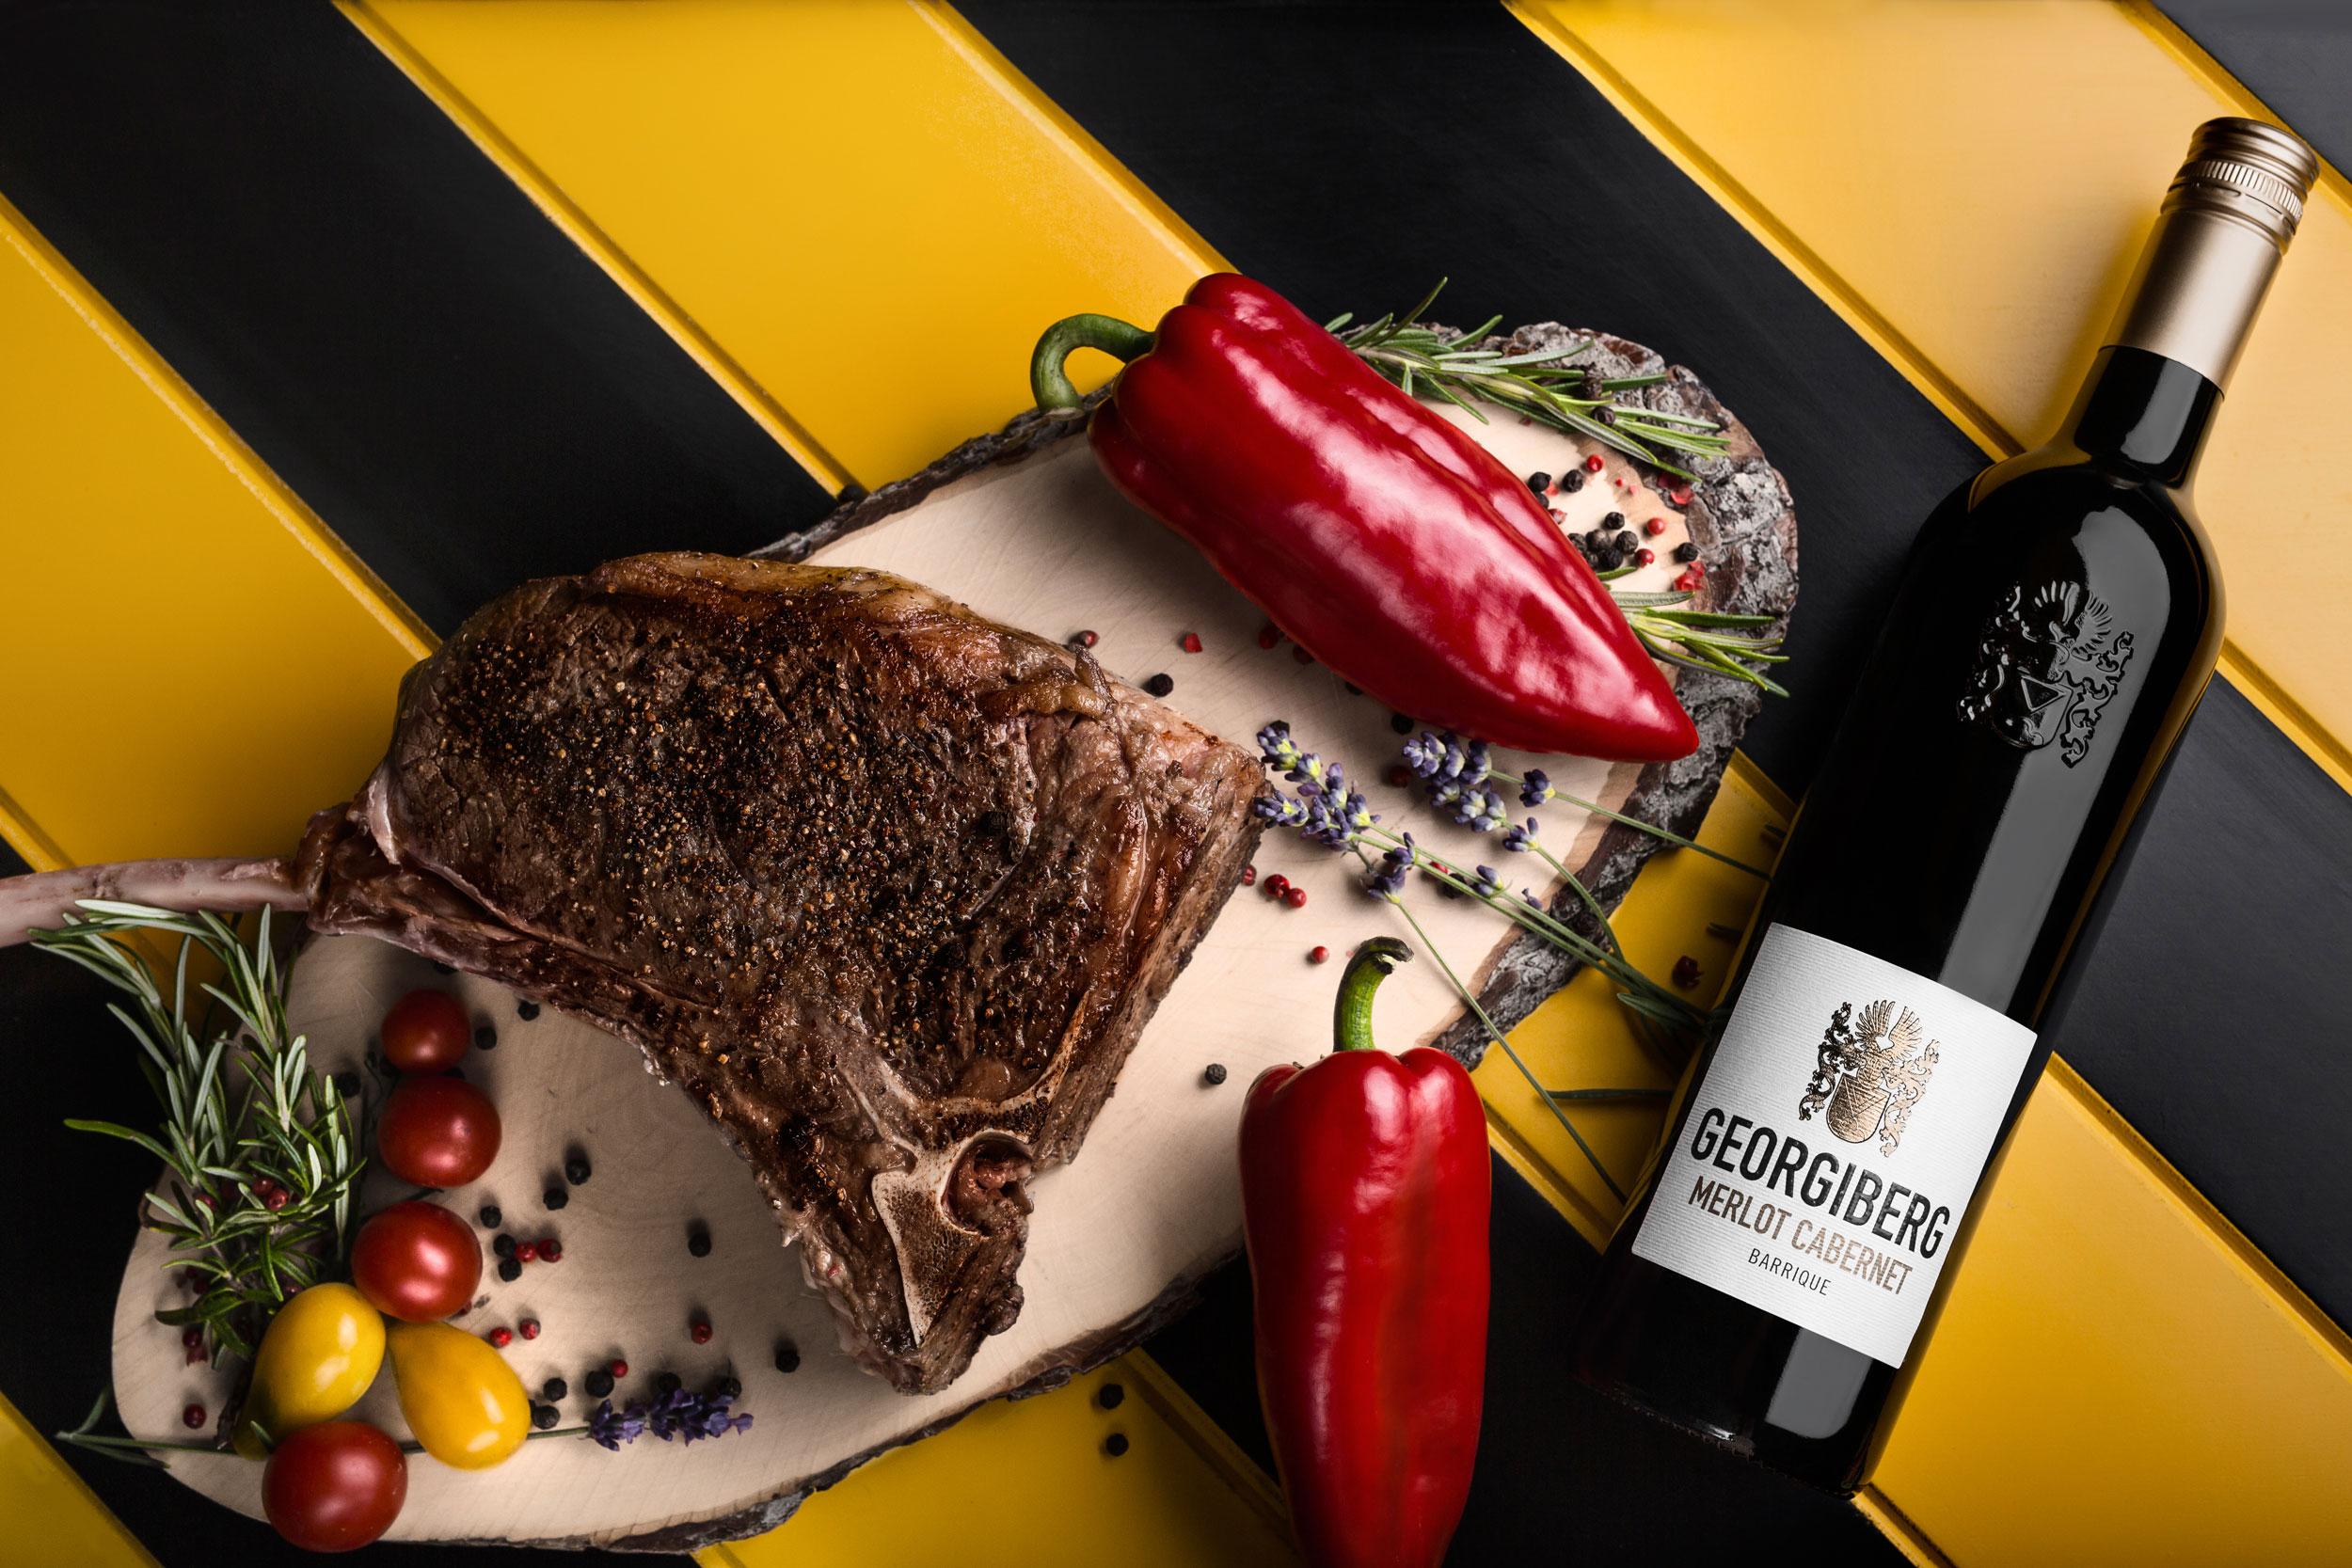 Steak Georgiberg